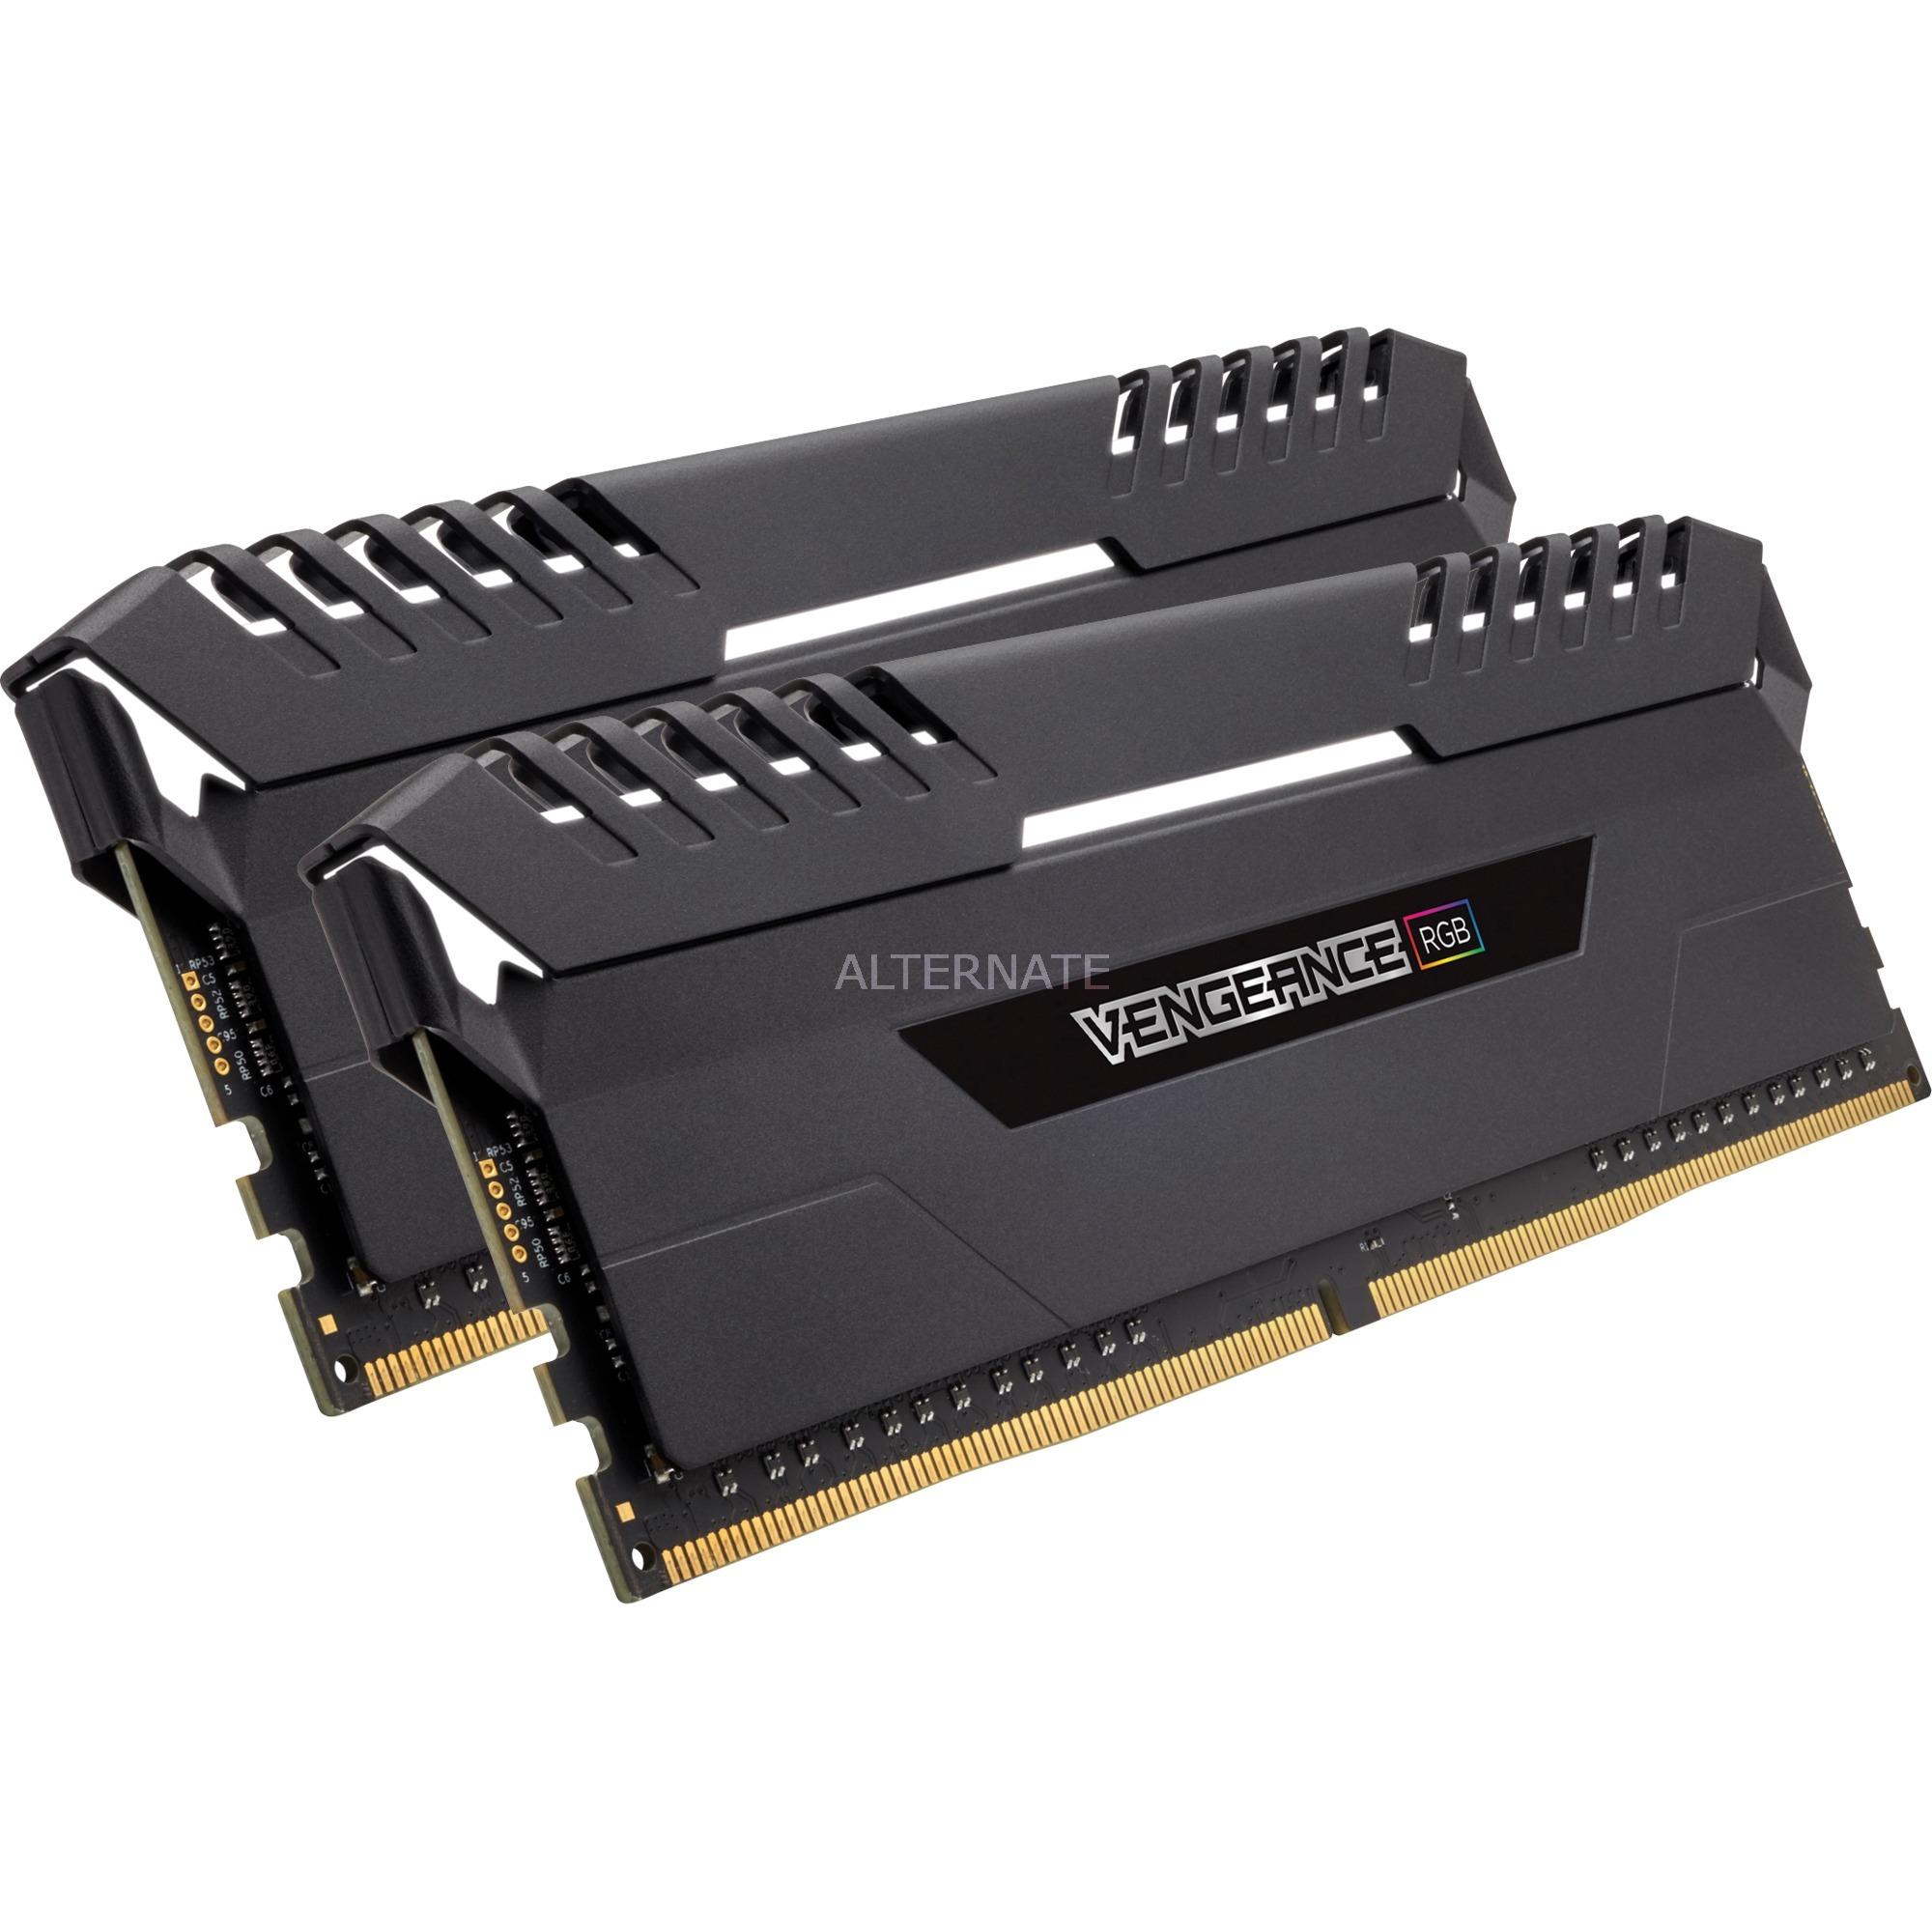 Vengeance 32GB, 3000MHz, DDR4 32Go DDR4 3000MHz module de mémoire